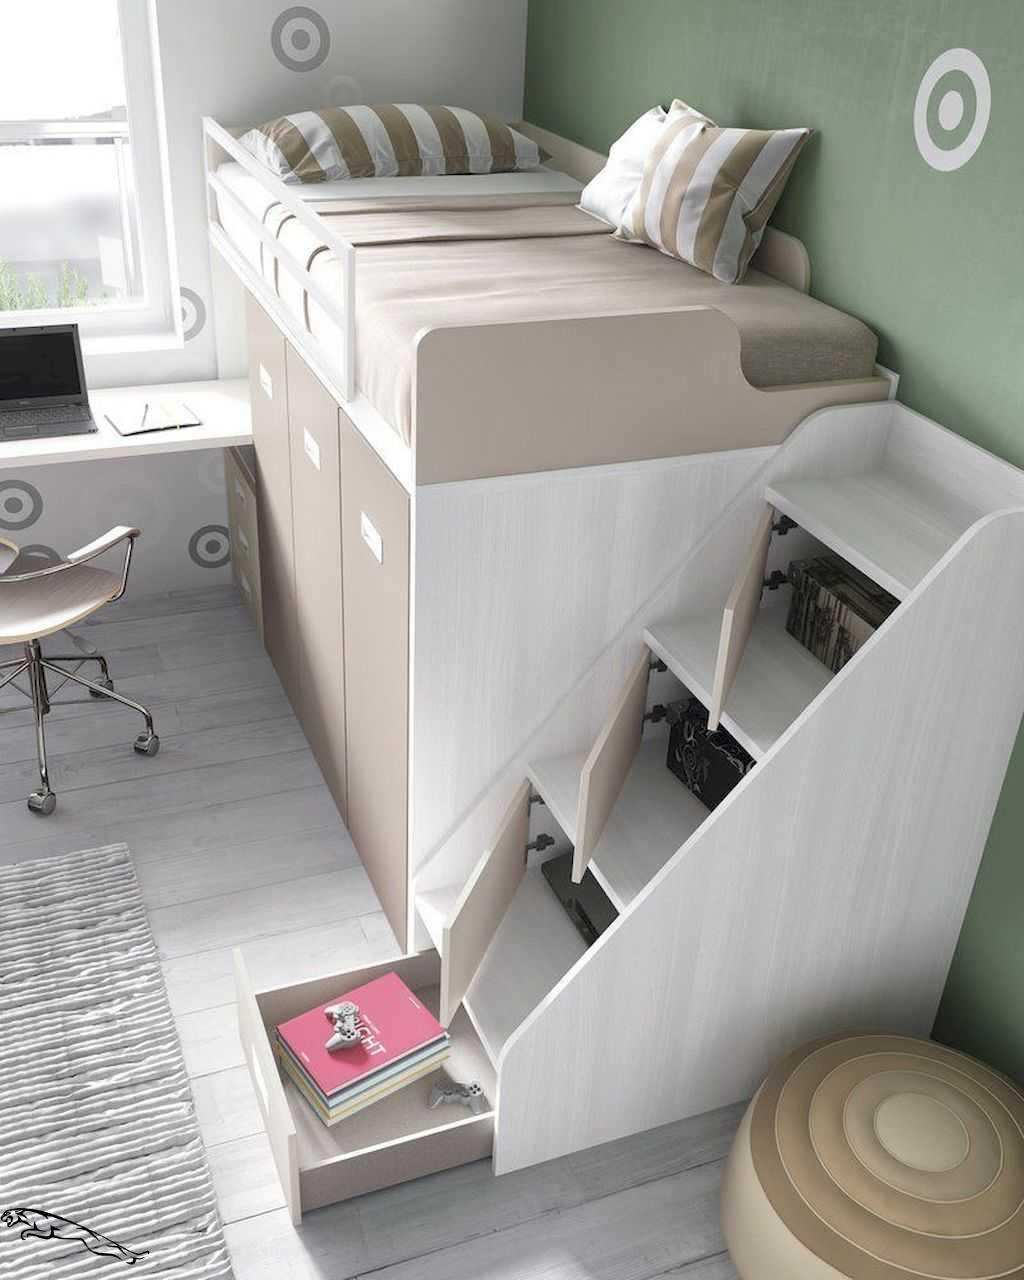 Nội thất phòng ngủ thông minh 5